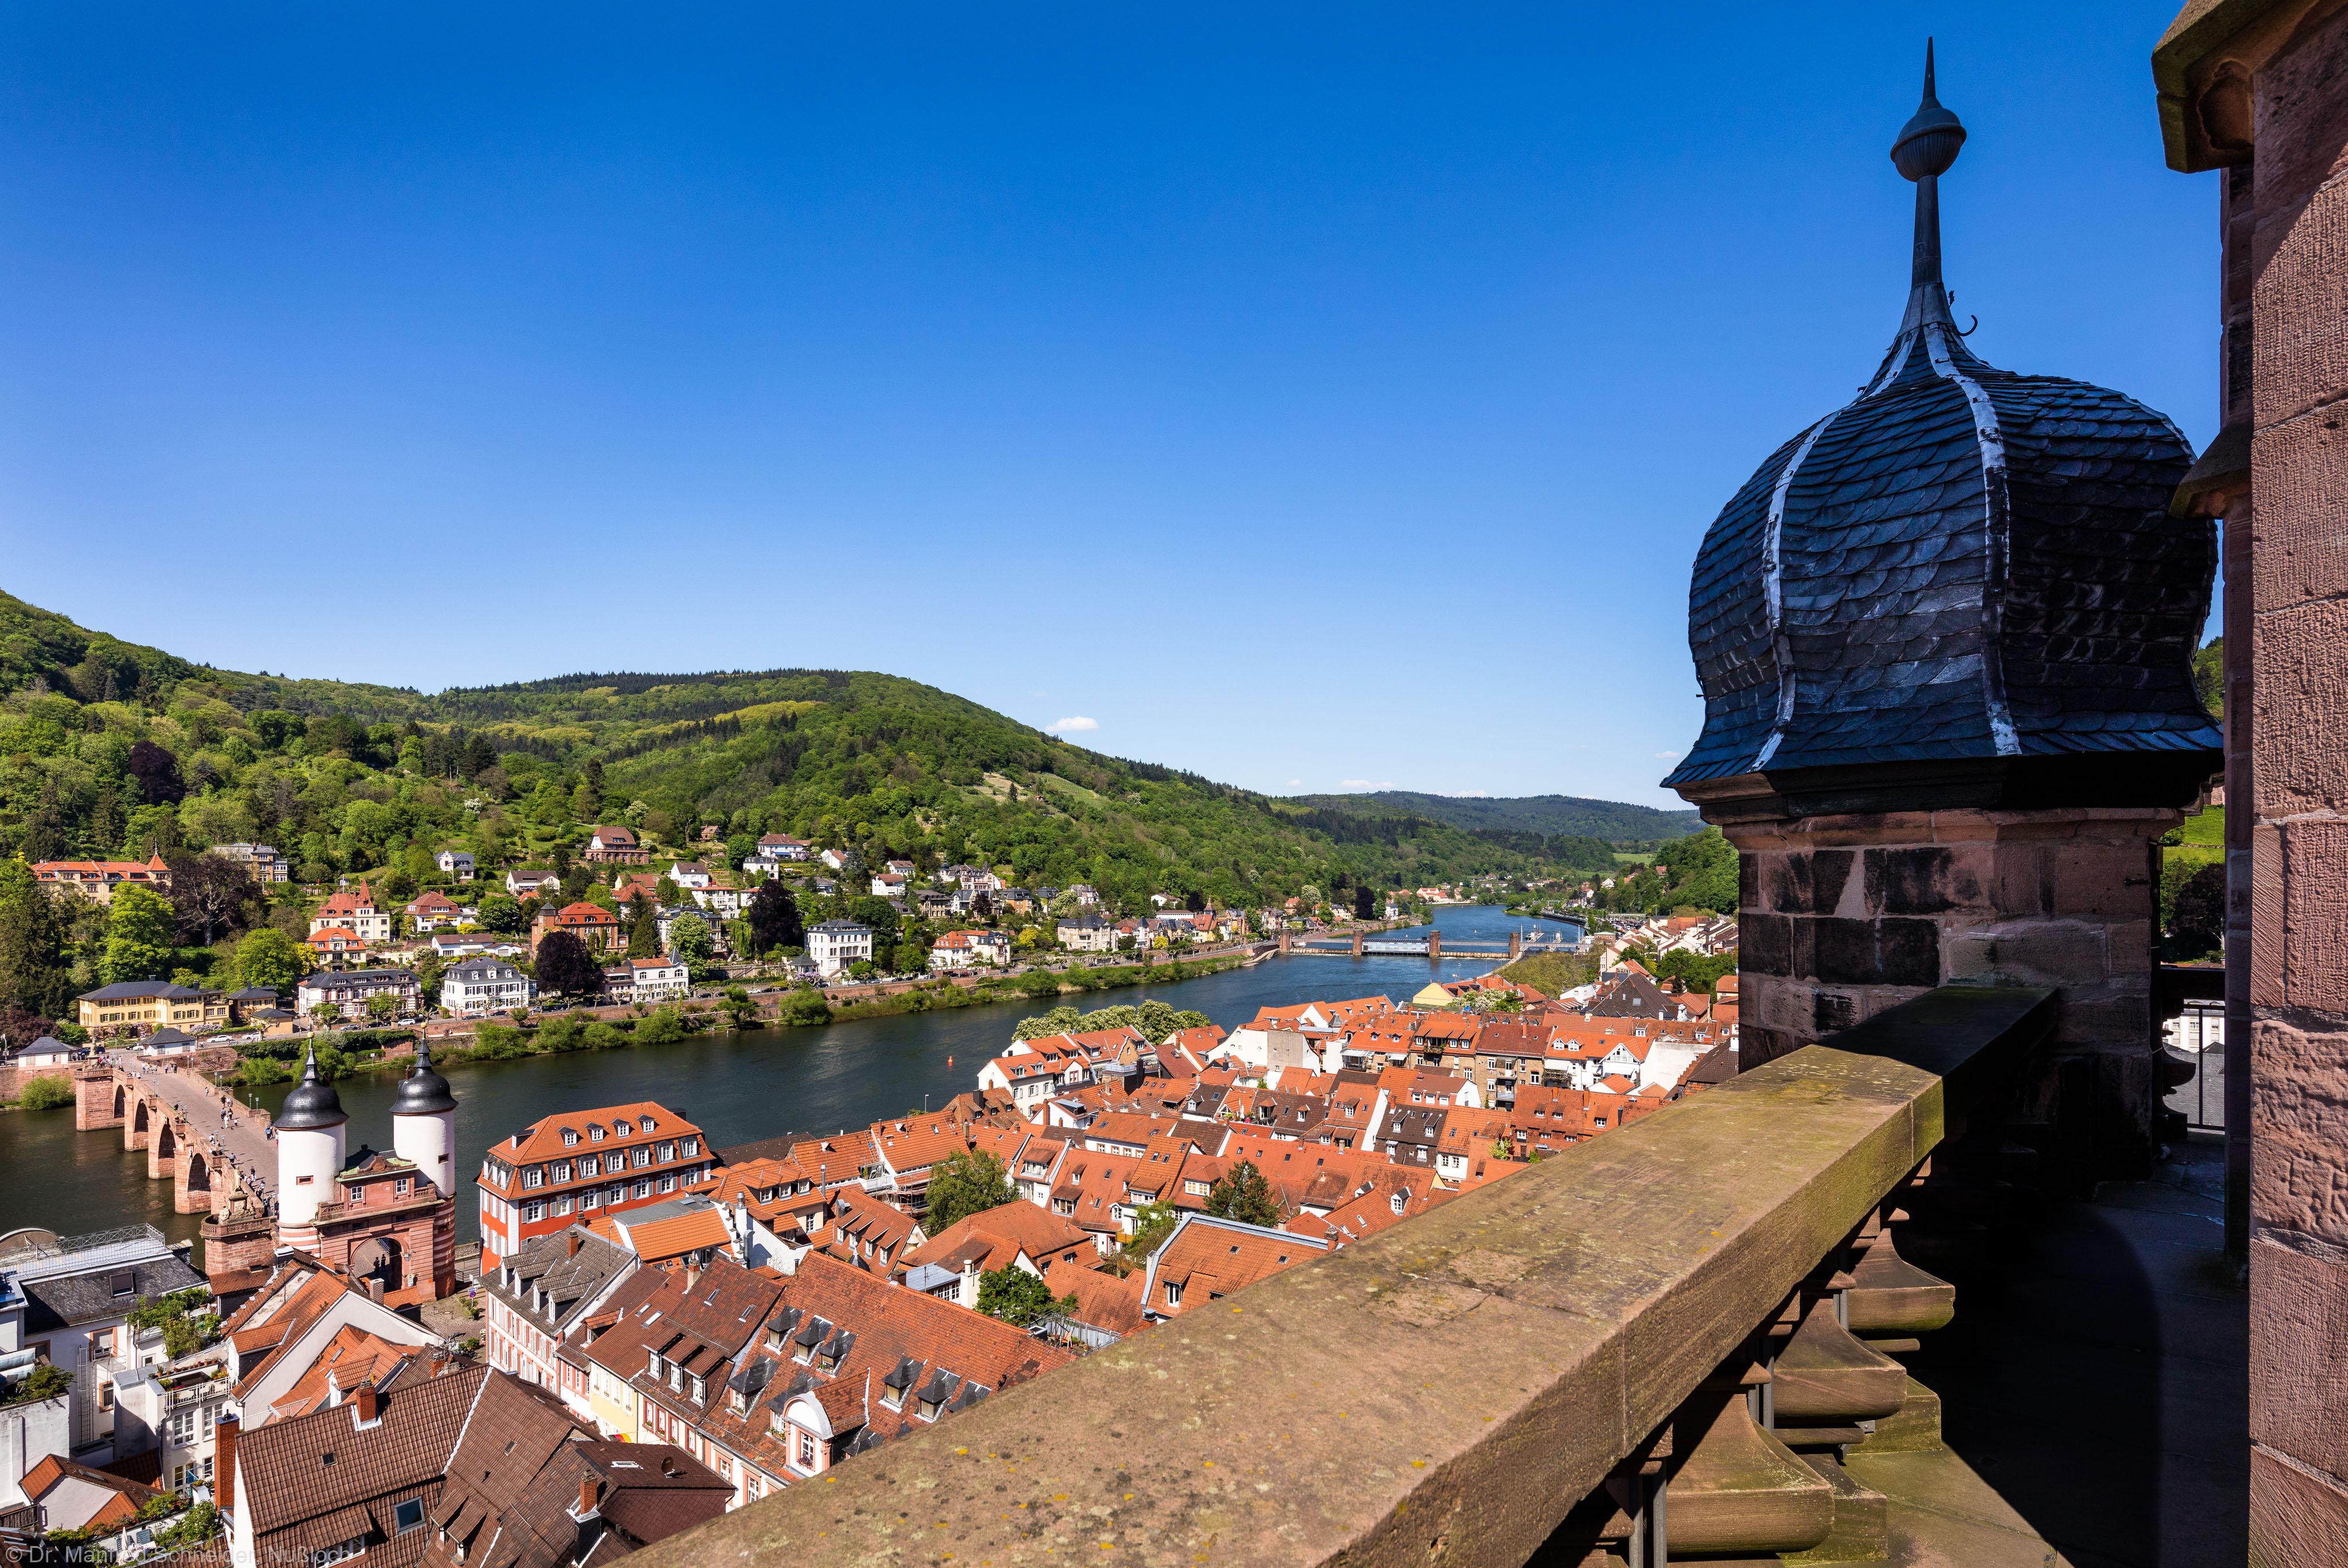 Heidelberg - Heiliggeistkirche - Umgebung - Blick vom Turm nach Nordosten (aufgenommen im Mai 2016, am Nachmittag)